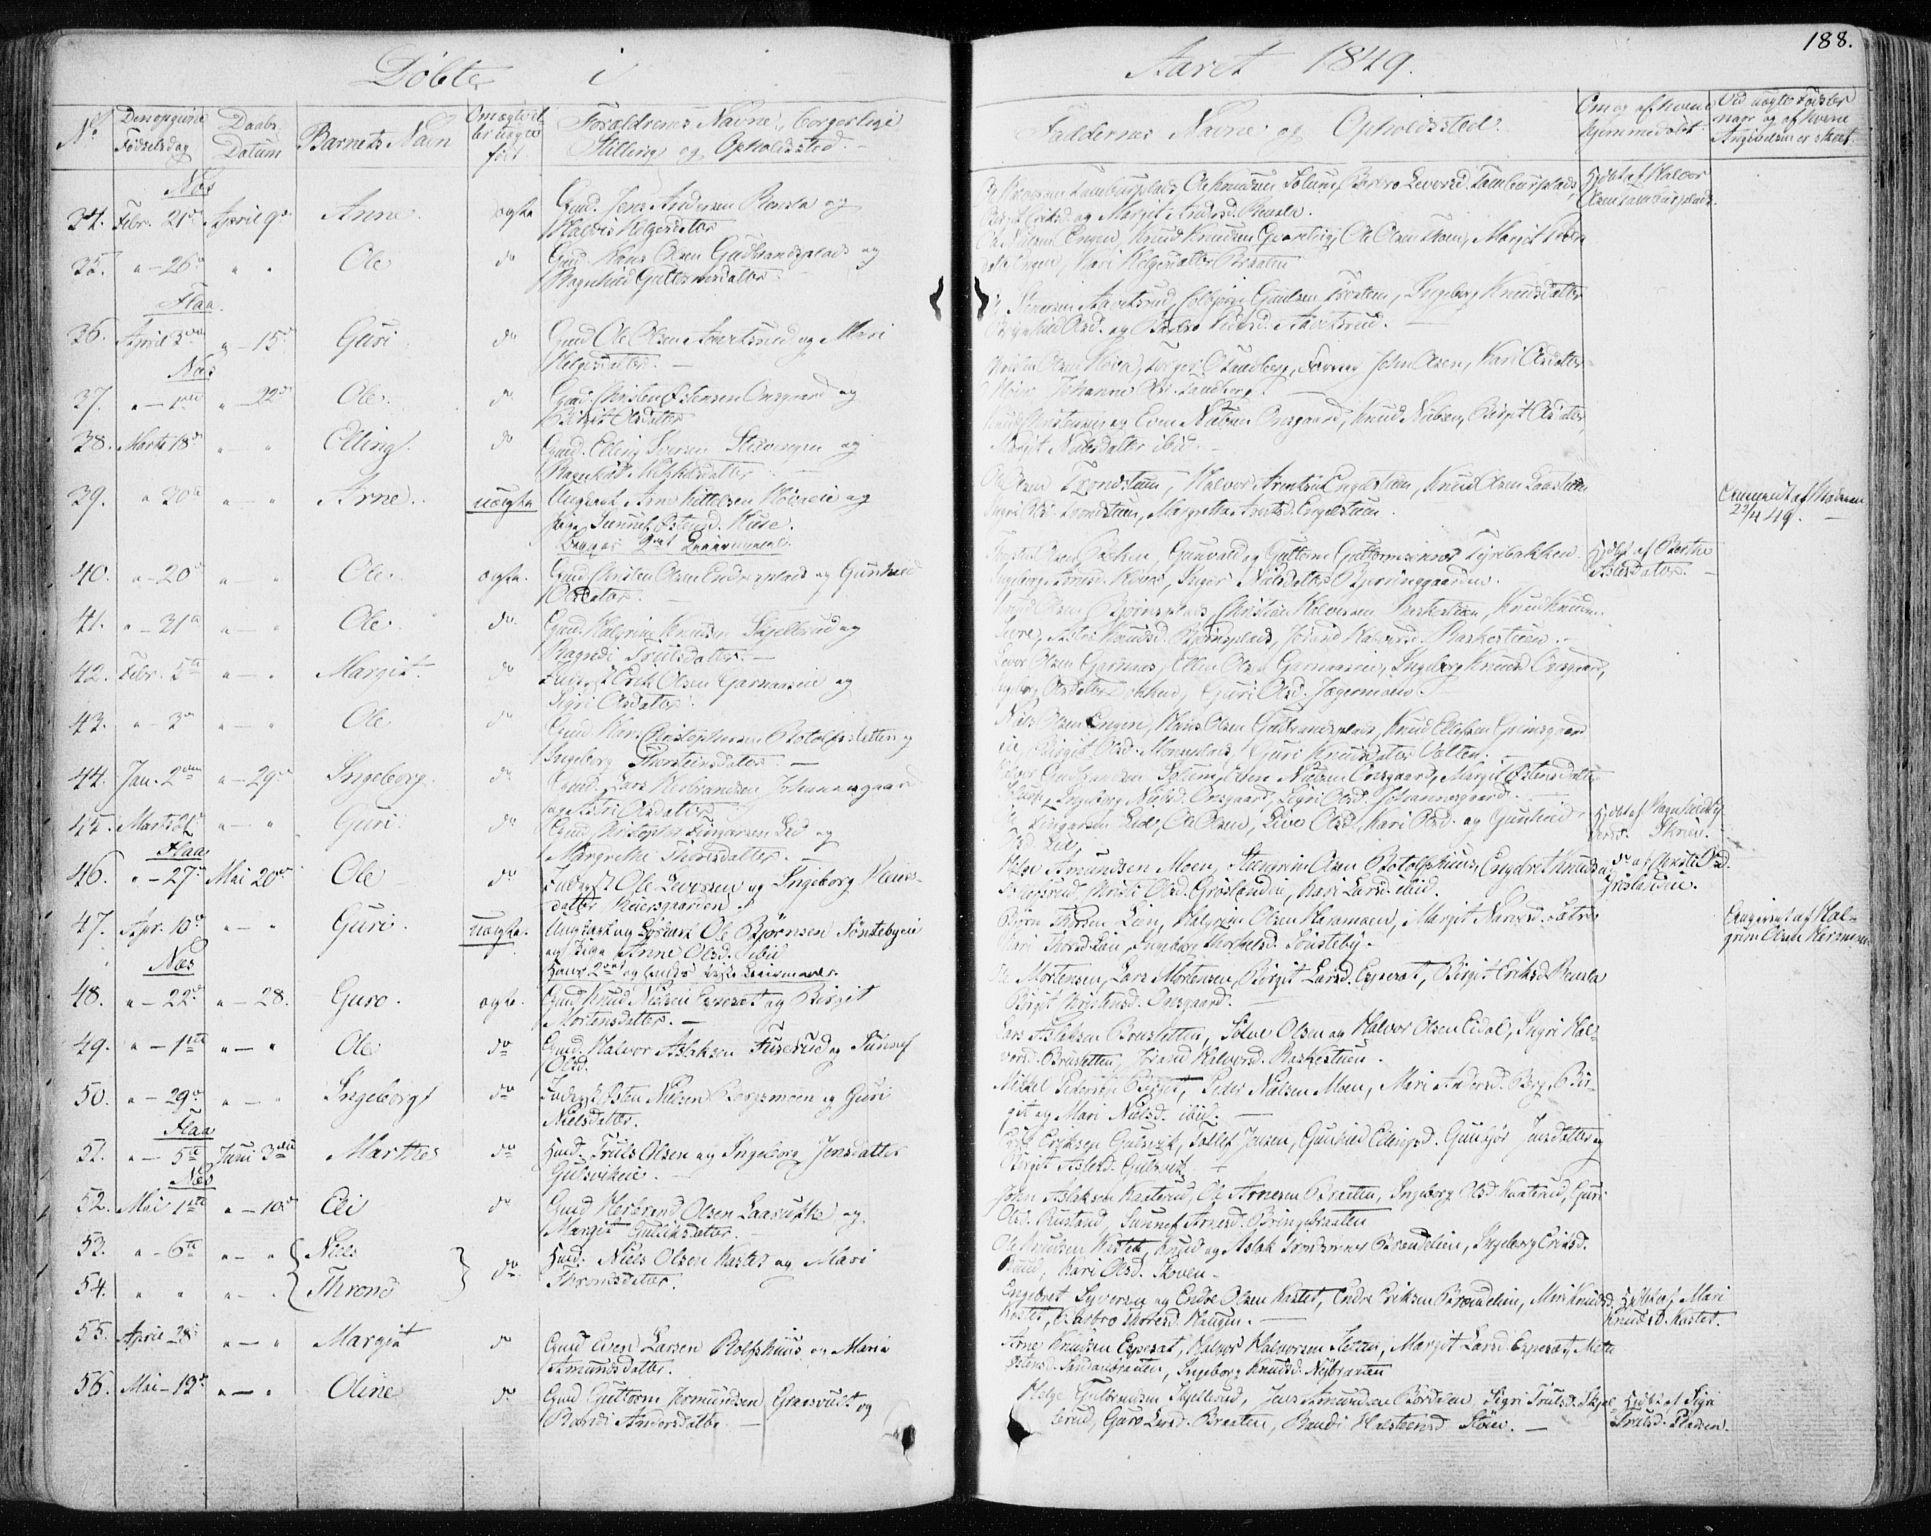 SAKO, Nes kirkebøker, F/Fa/L0009: Ministerialbok nr. 9, 1834-1863, s. 188